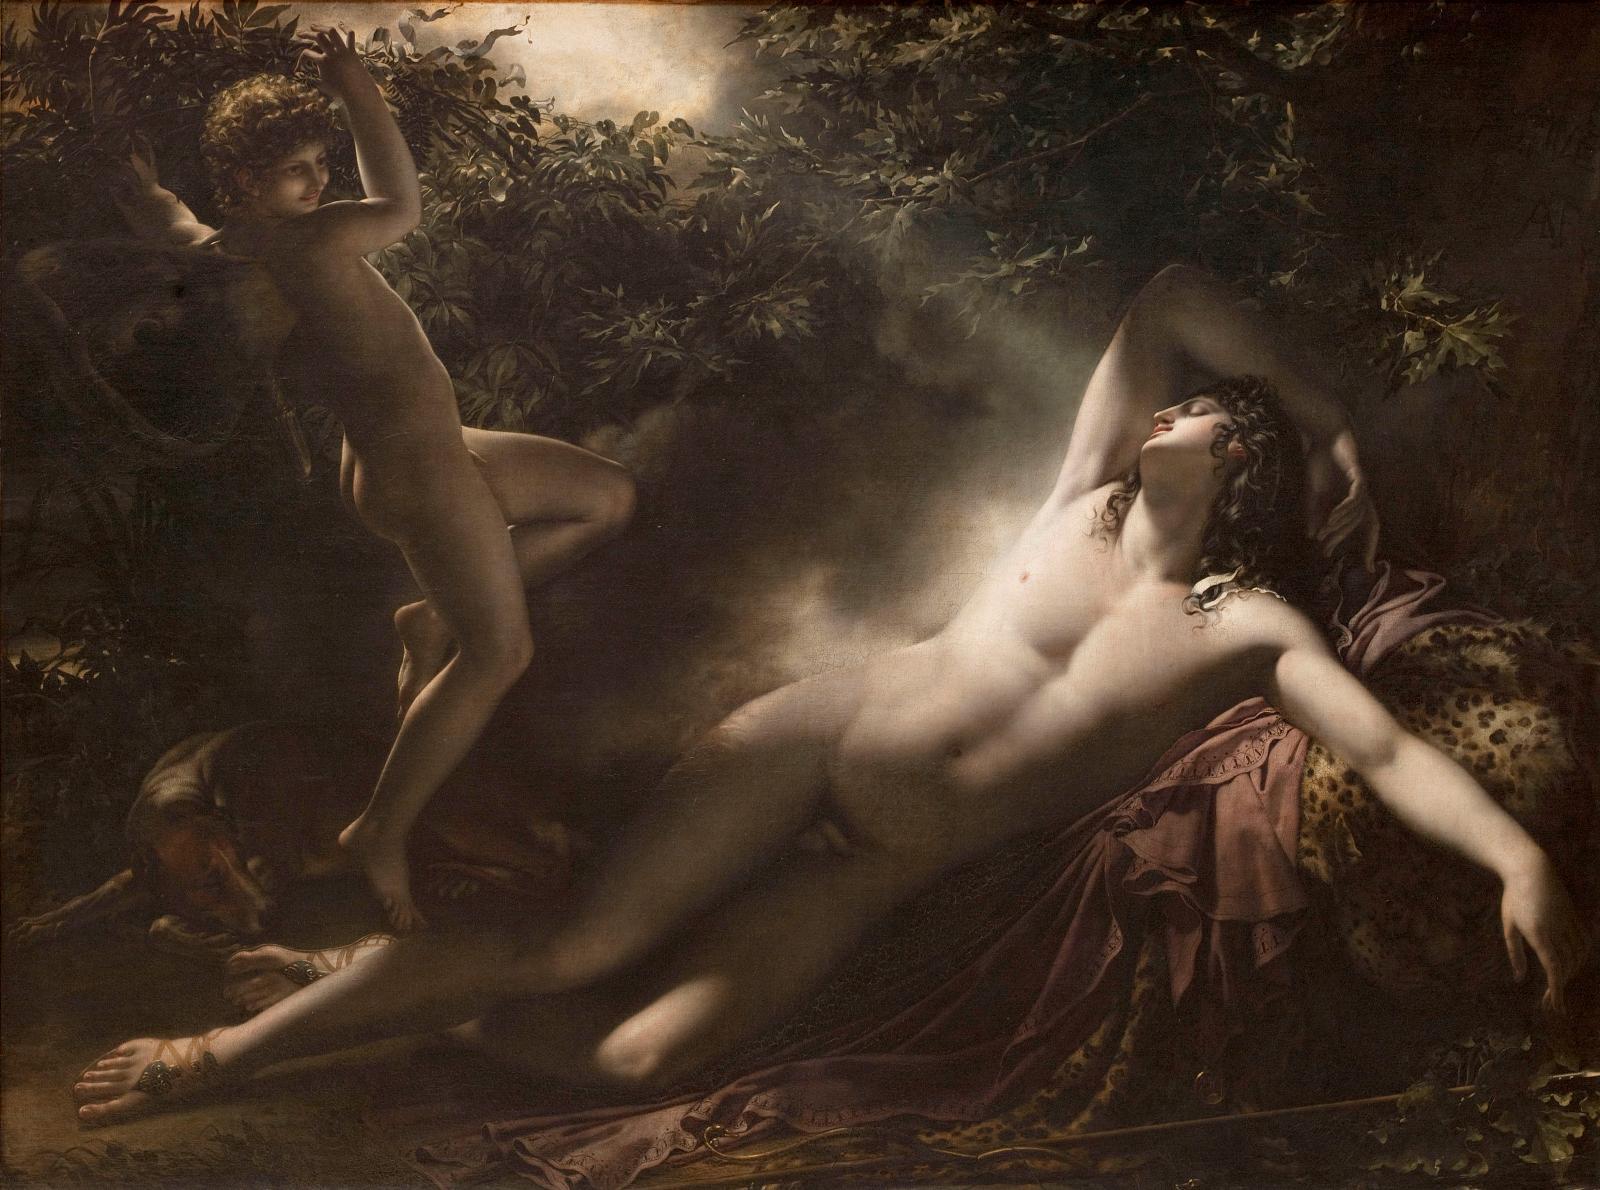 Anne Louis Girodet de Roussy-Trioson(1767-1824), Endymion, effet de lune, dit aussi le Sommeil d'Endymion, 1791, huile sur toile, 198x261cm, Paris